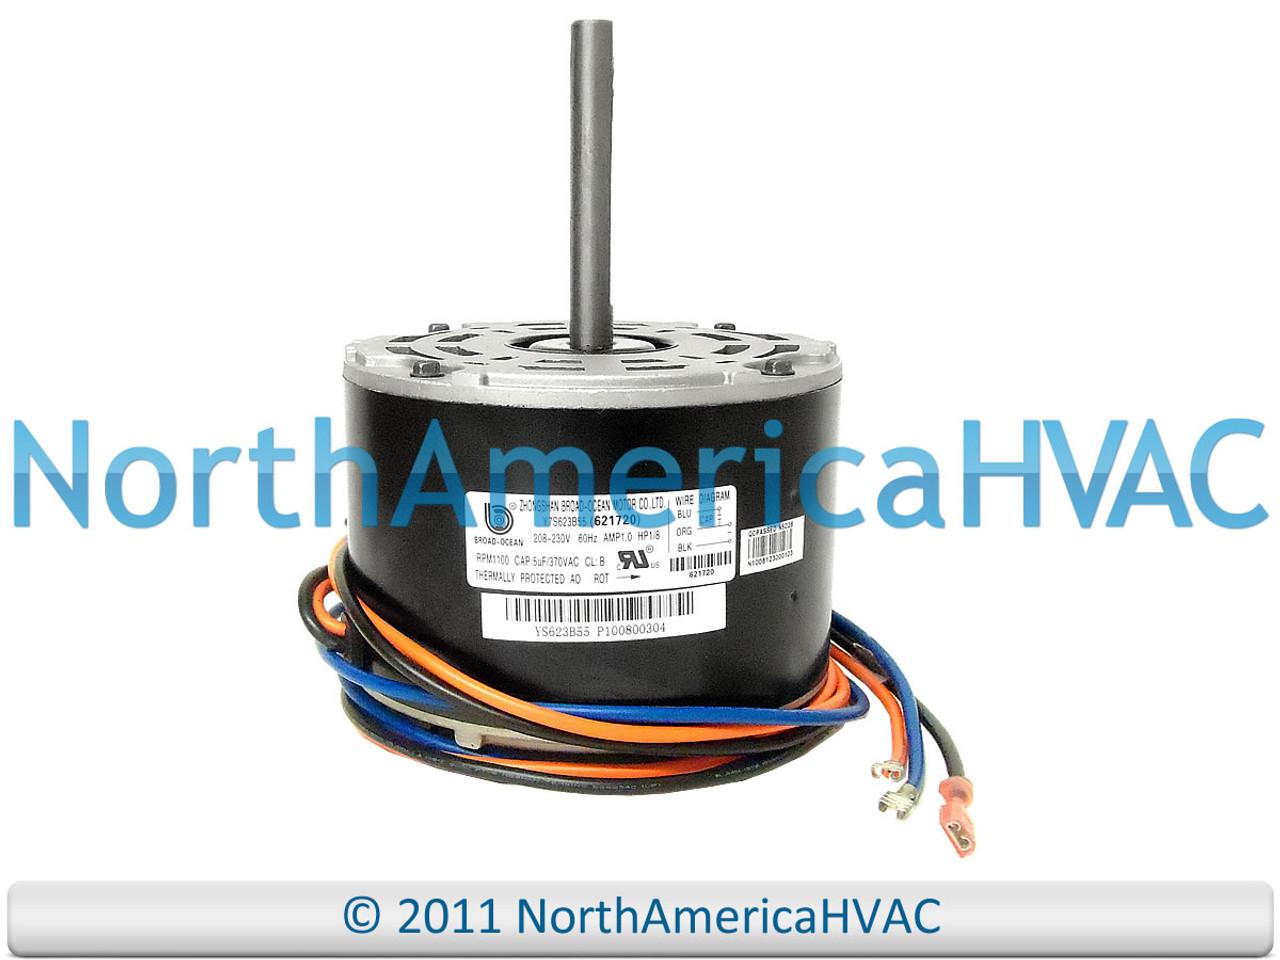 Miller Heat Pump Wiring Diagram from cdn11.bigcommerce.com